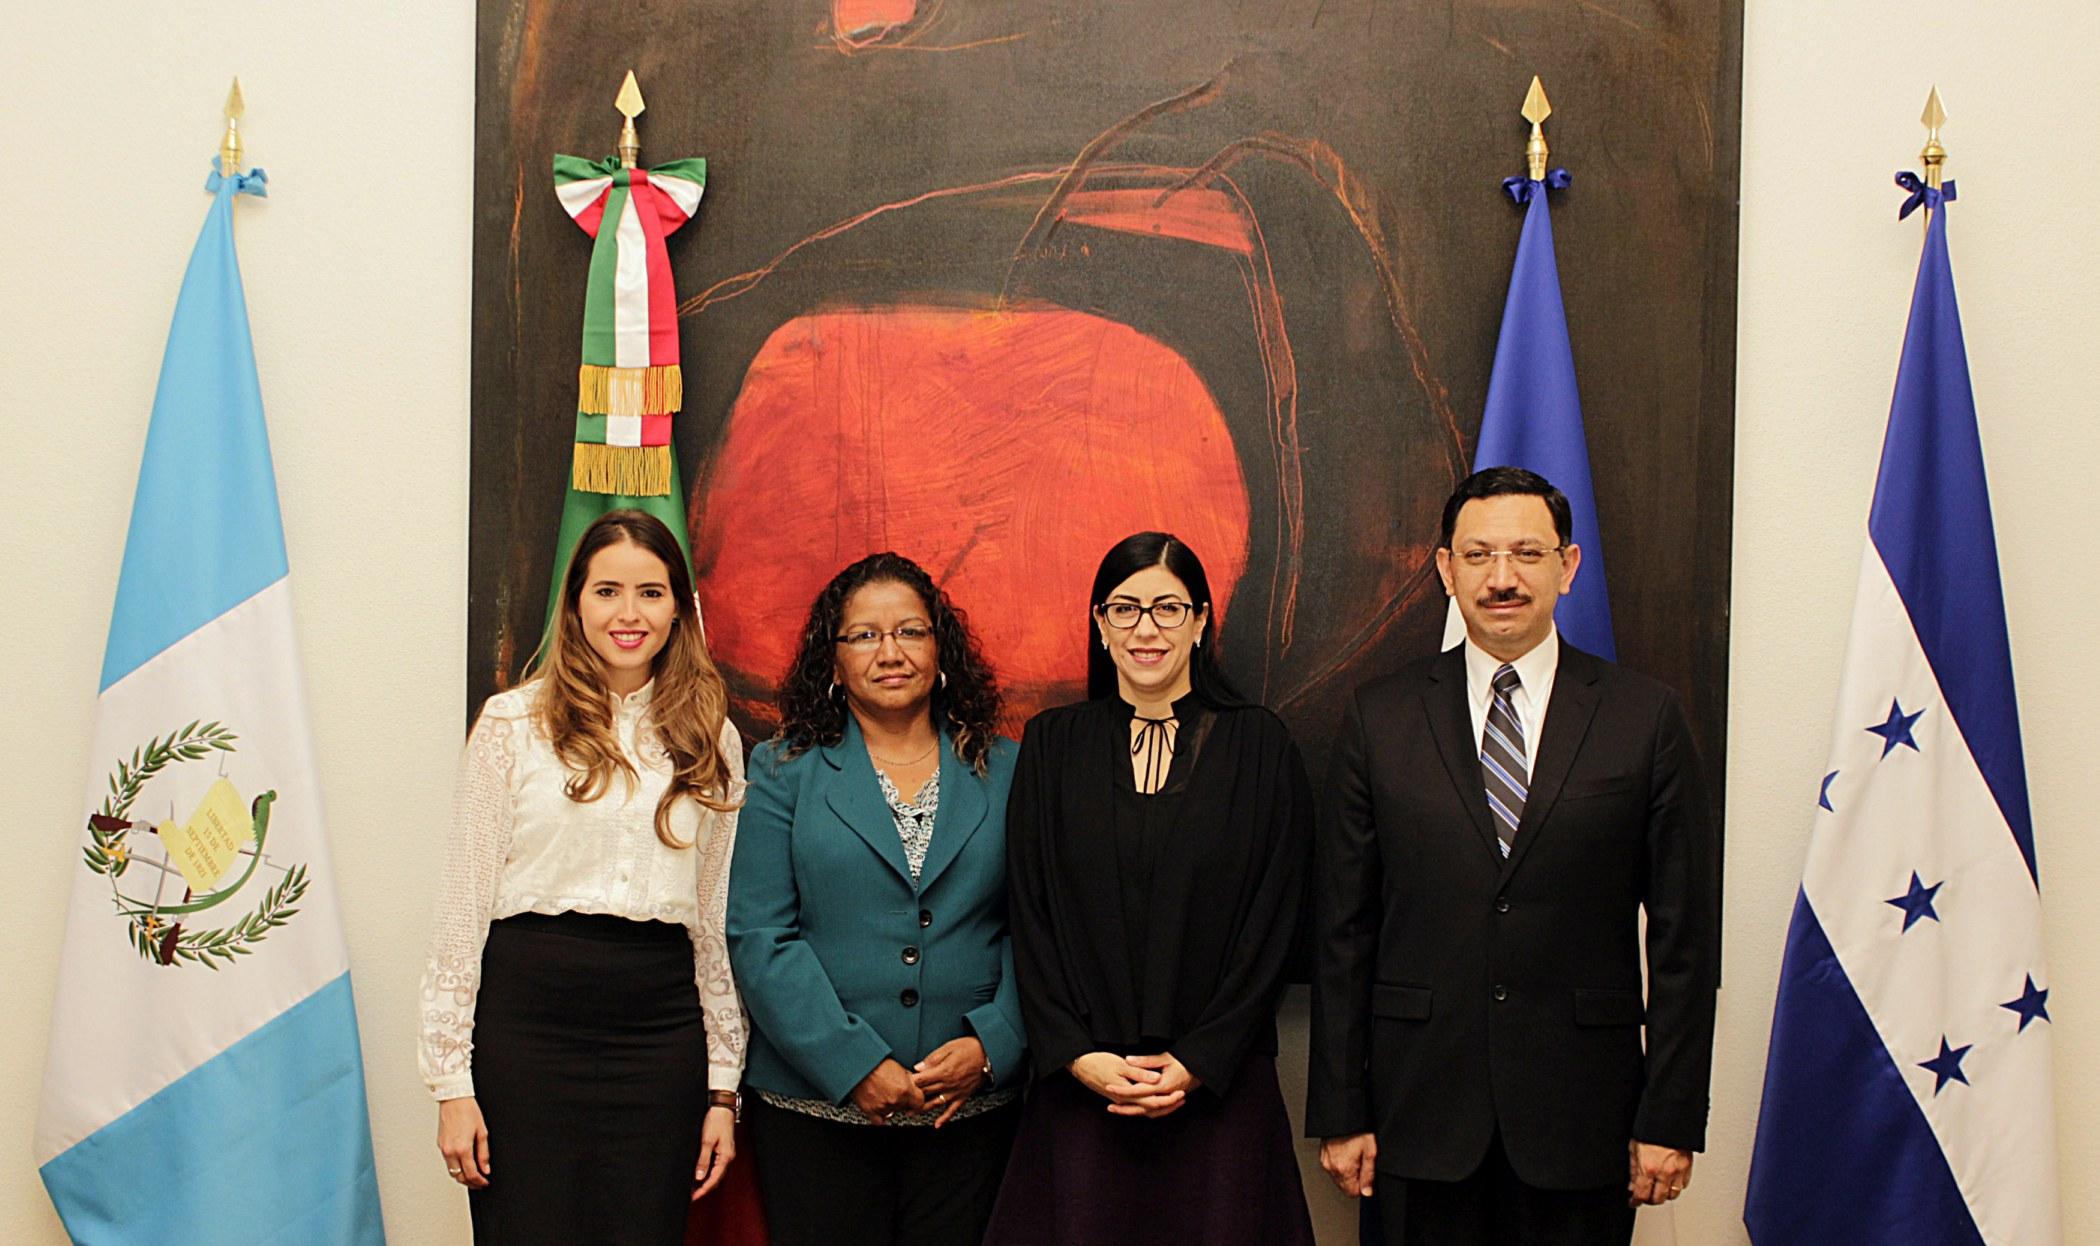 M Xico Guatemala El Salvador Y Honduras Eval An Juntos Fen Meno Migratorio Secretar A De